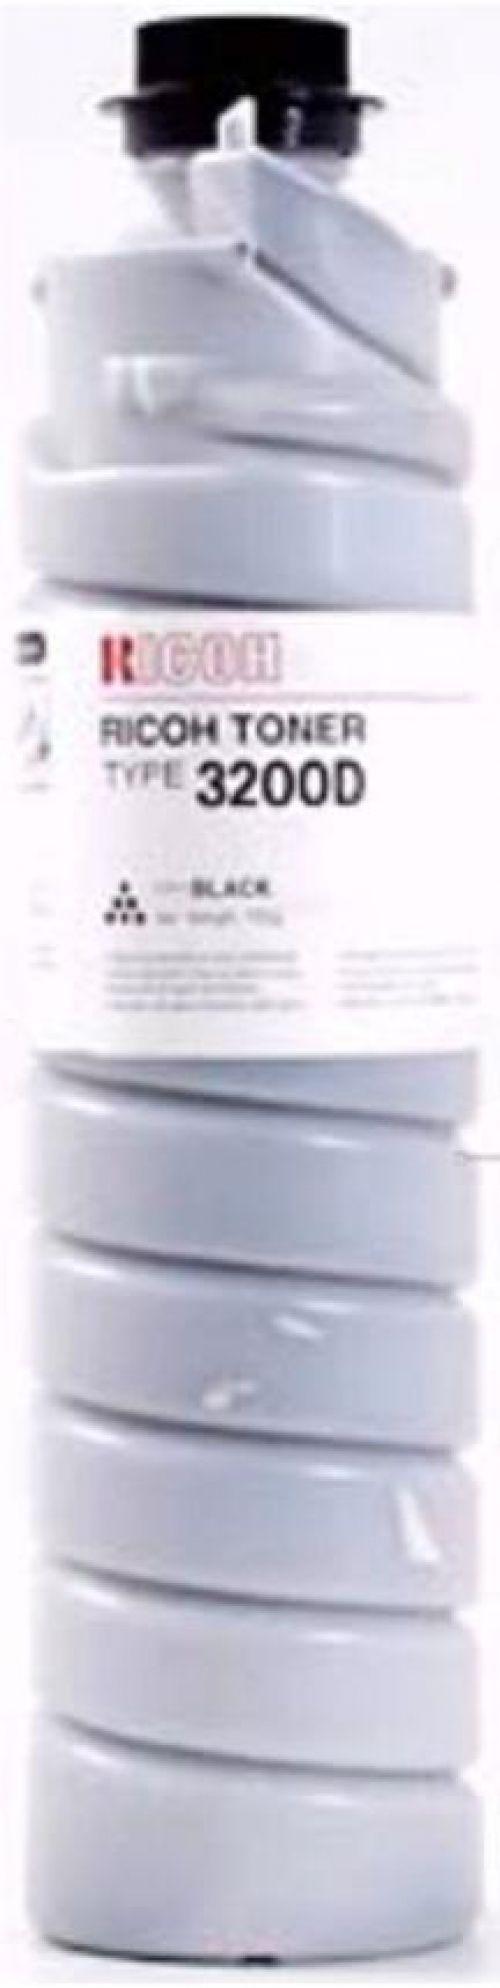 RIC21160